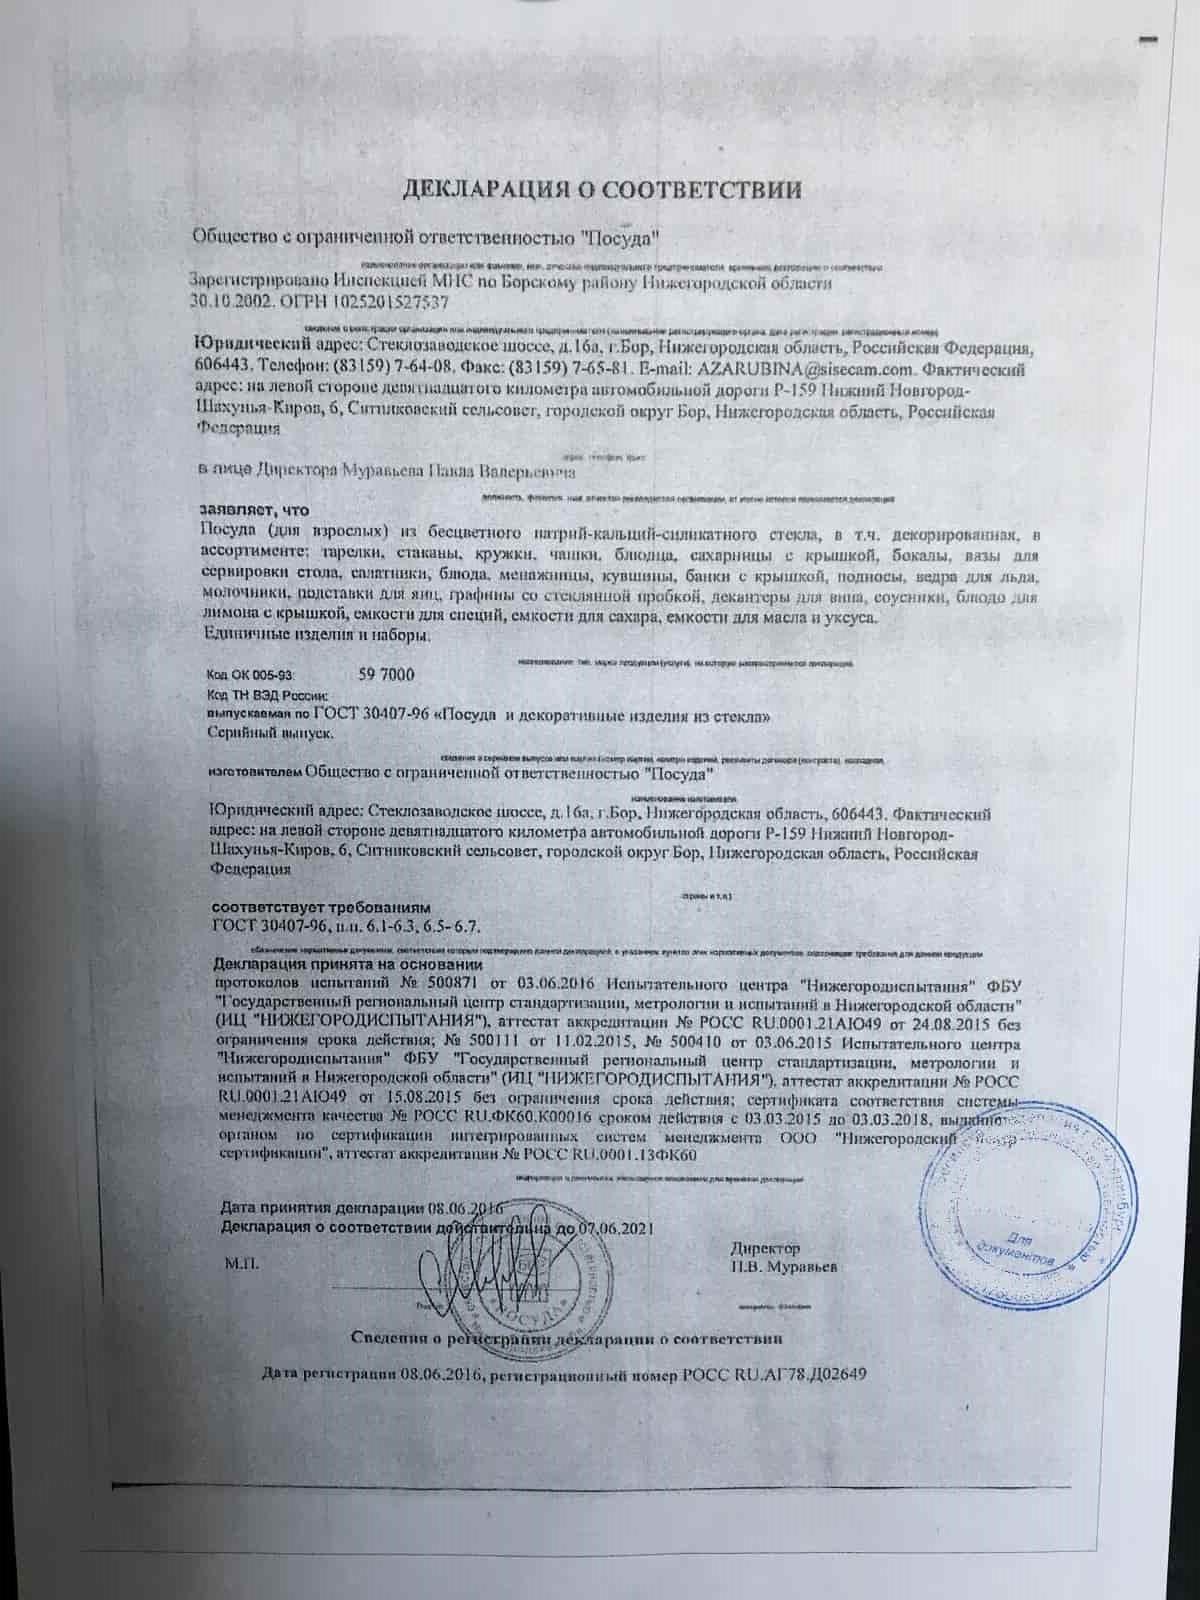 сертификат на подарки №11